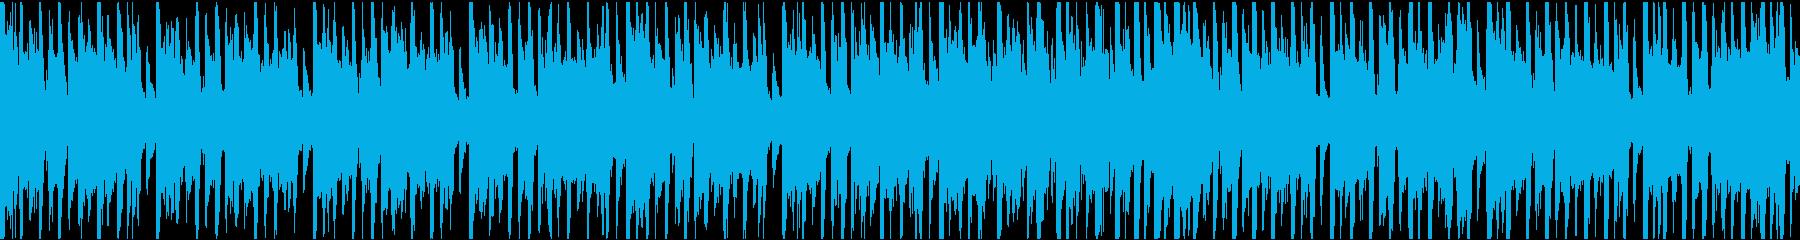 39秒でサビ、ダーク/カラオケループの再生済みの波形